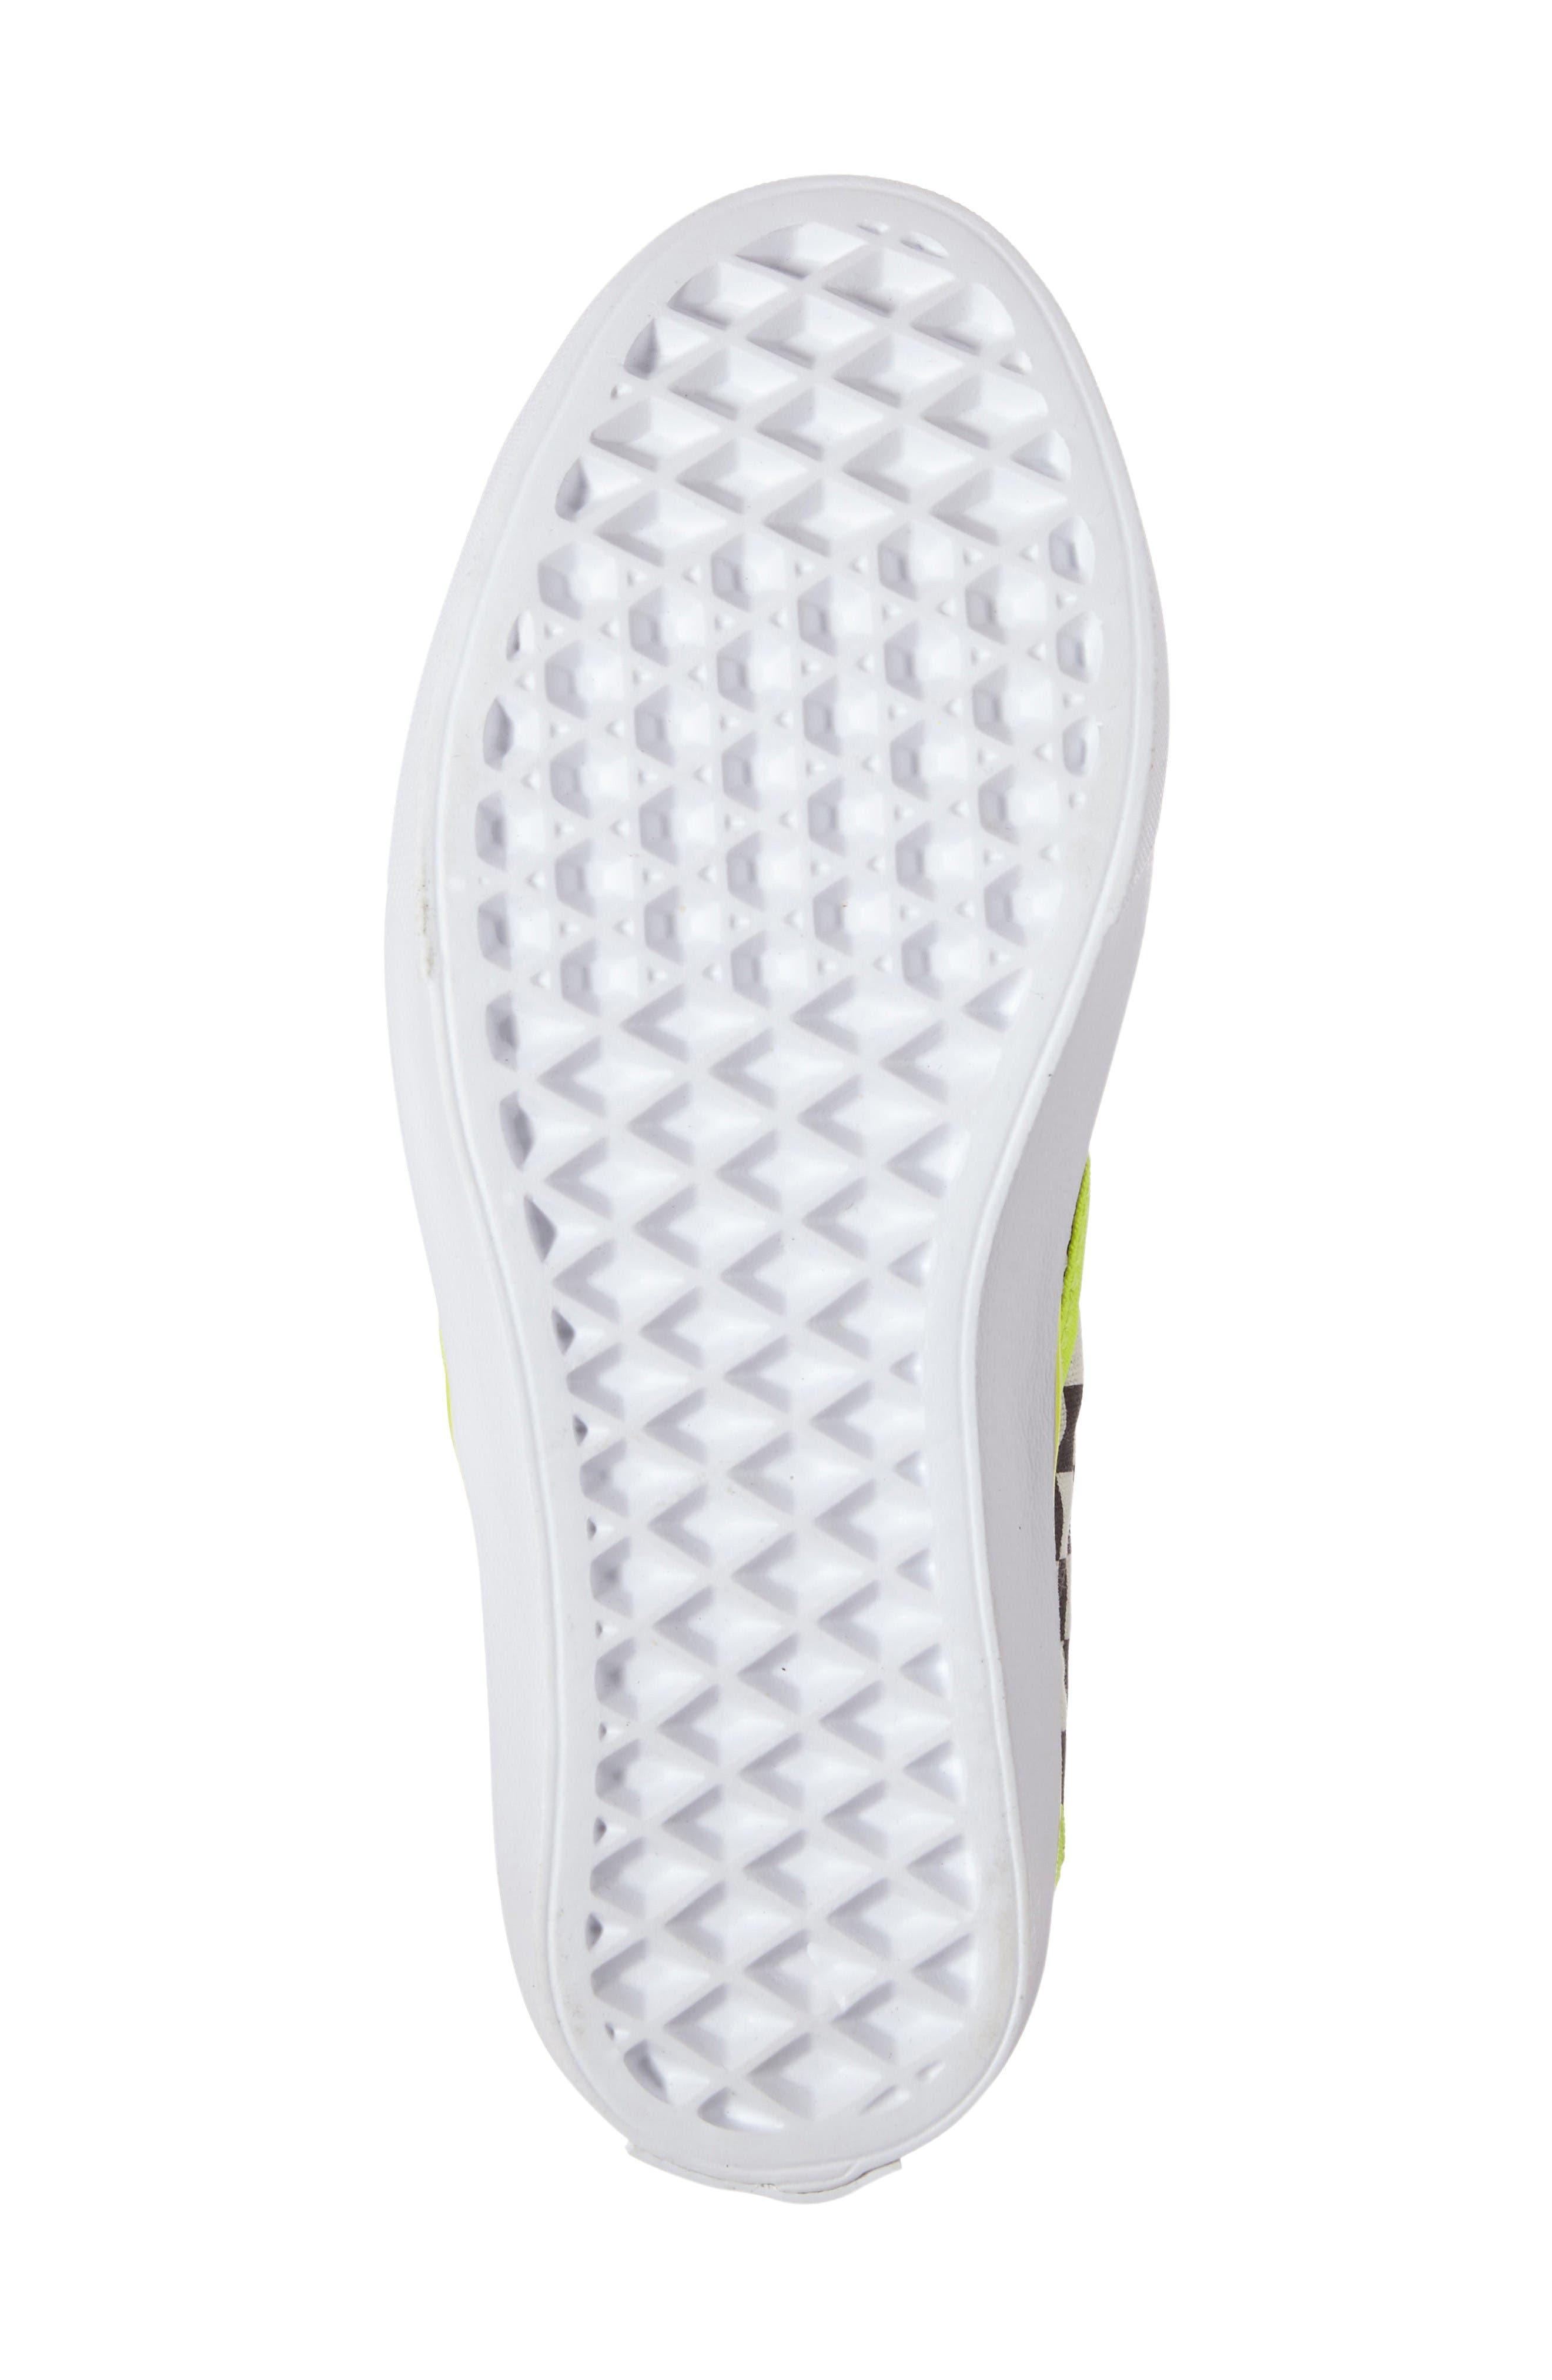 Classic Freshness Slip-On Lite Sneaker,                             Alternate thumbnail 4, color,                             Freshness Classic White/Black